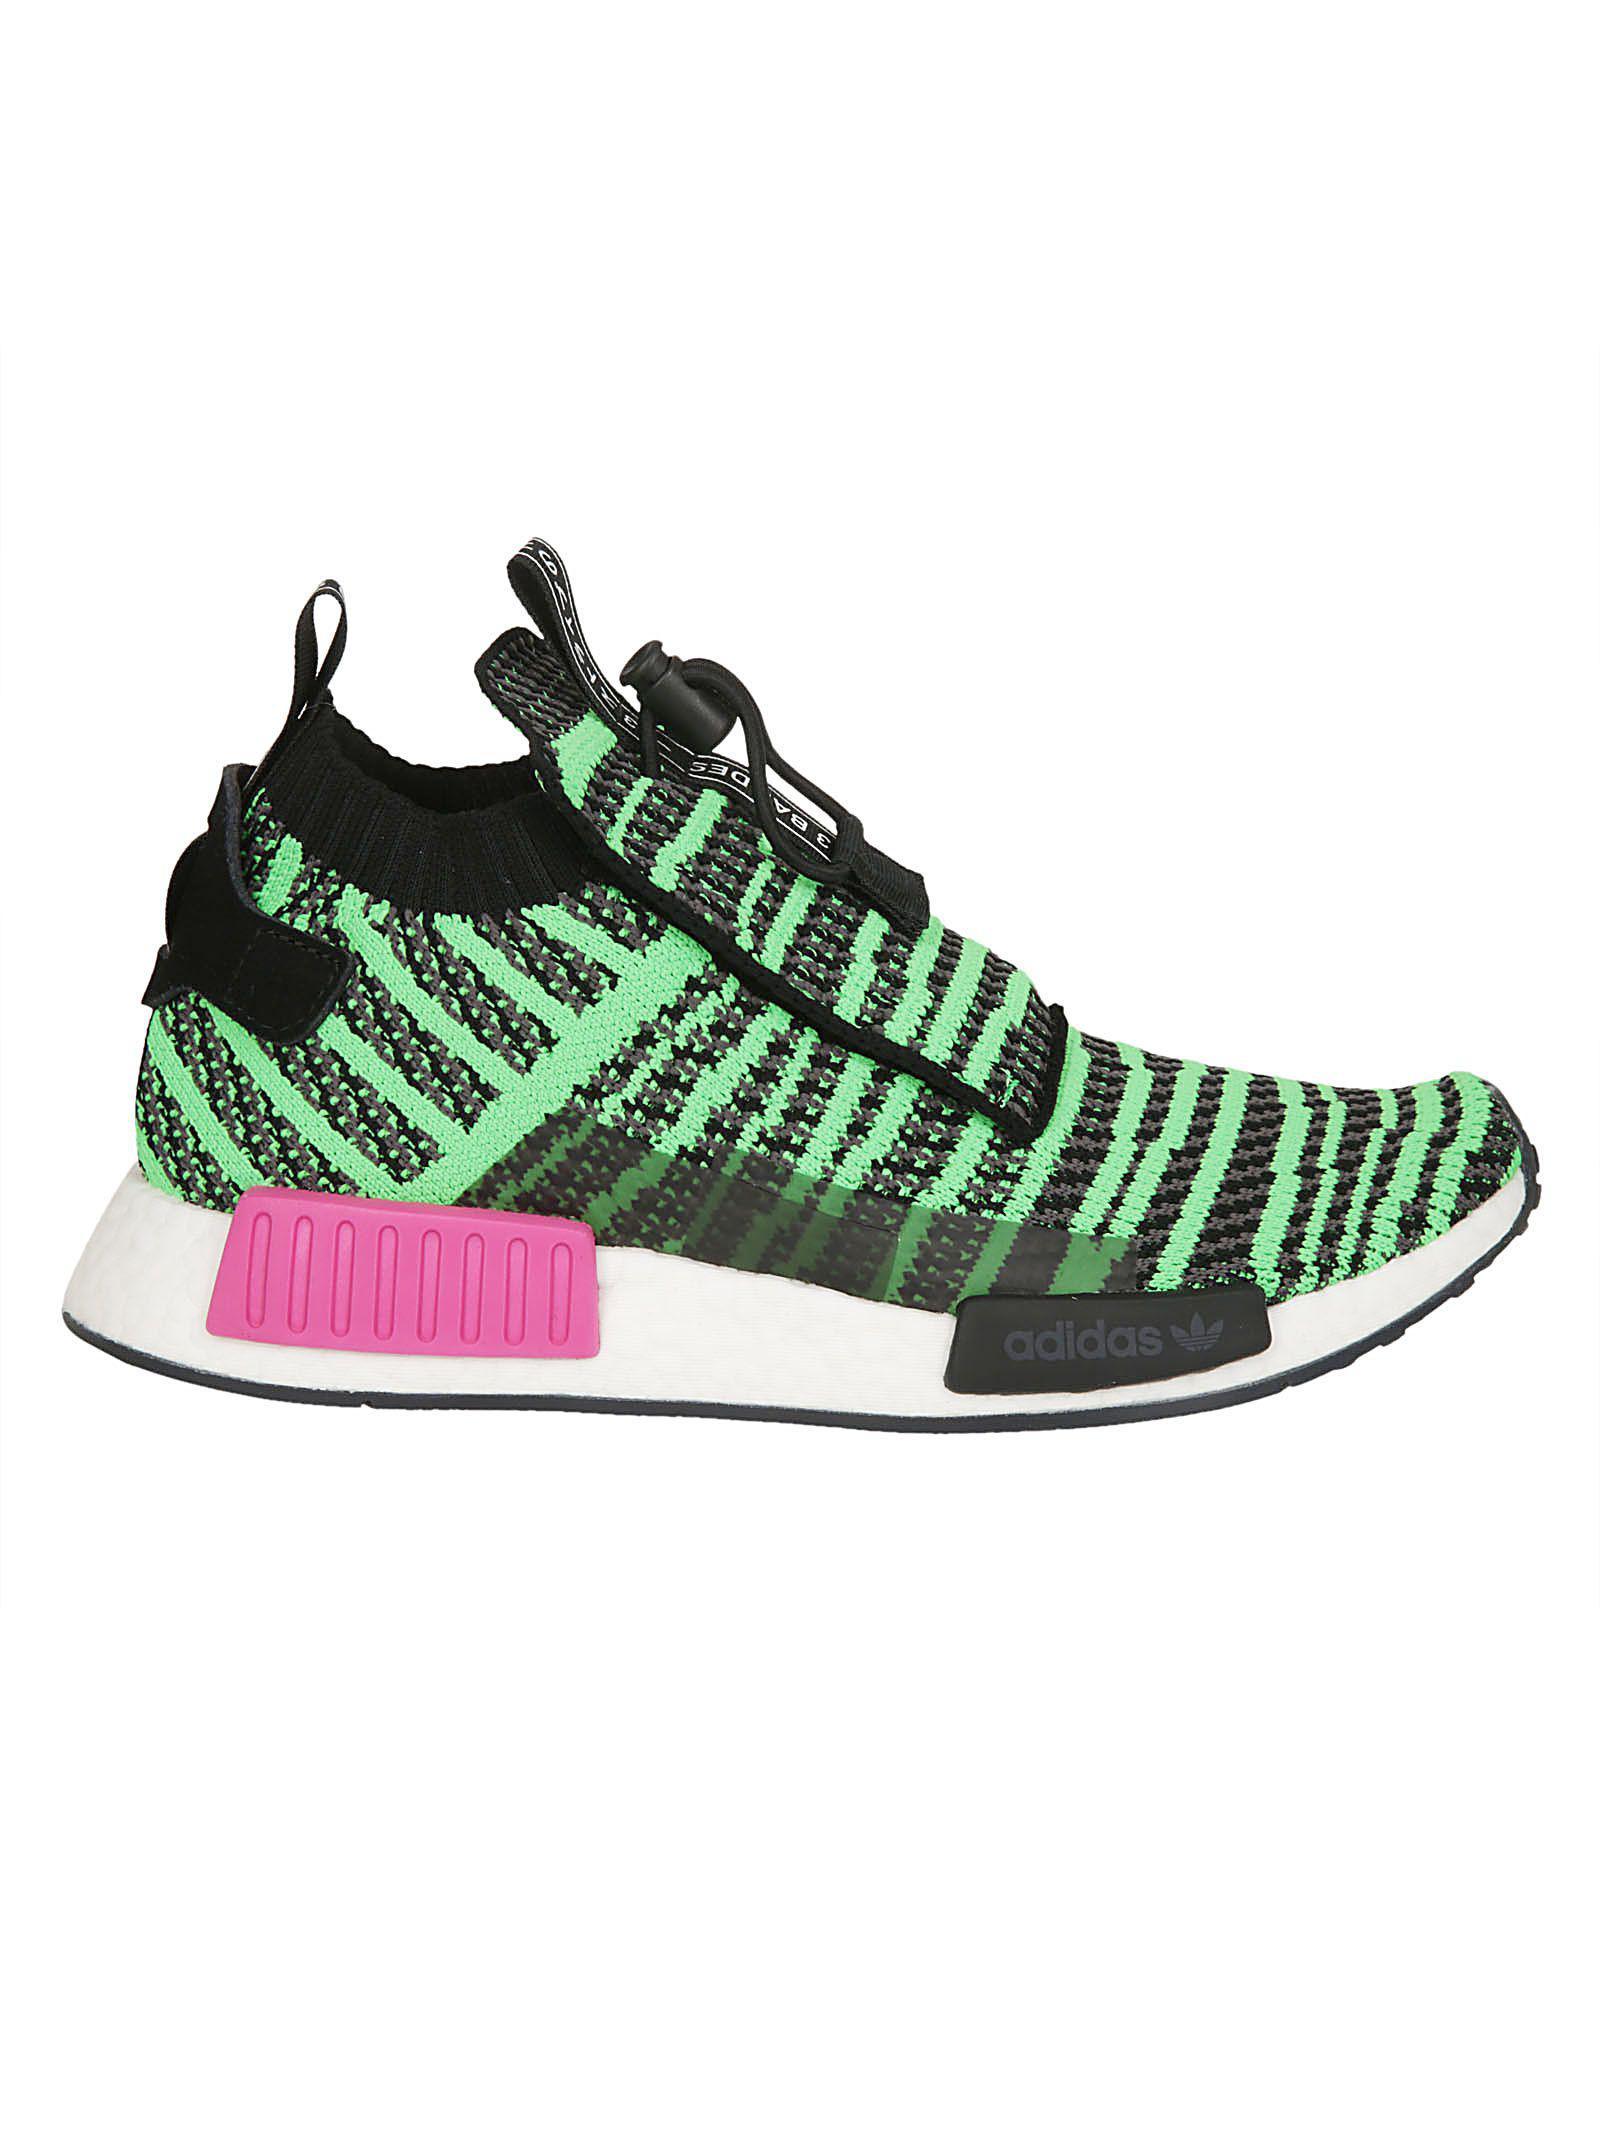 5f181e8022e Adidas Originals Adidas Nmd Ts1 Primeknit Sneakers - Green | ModeSens